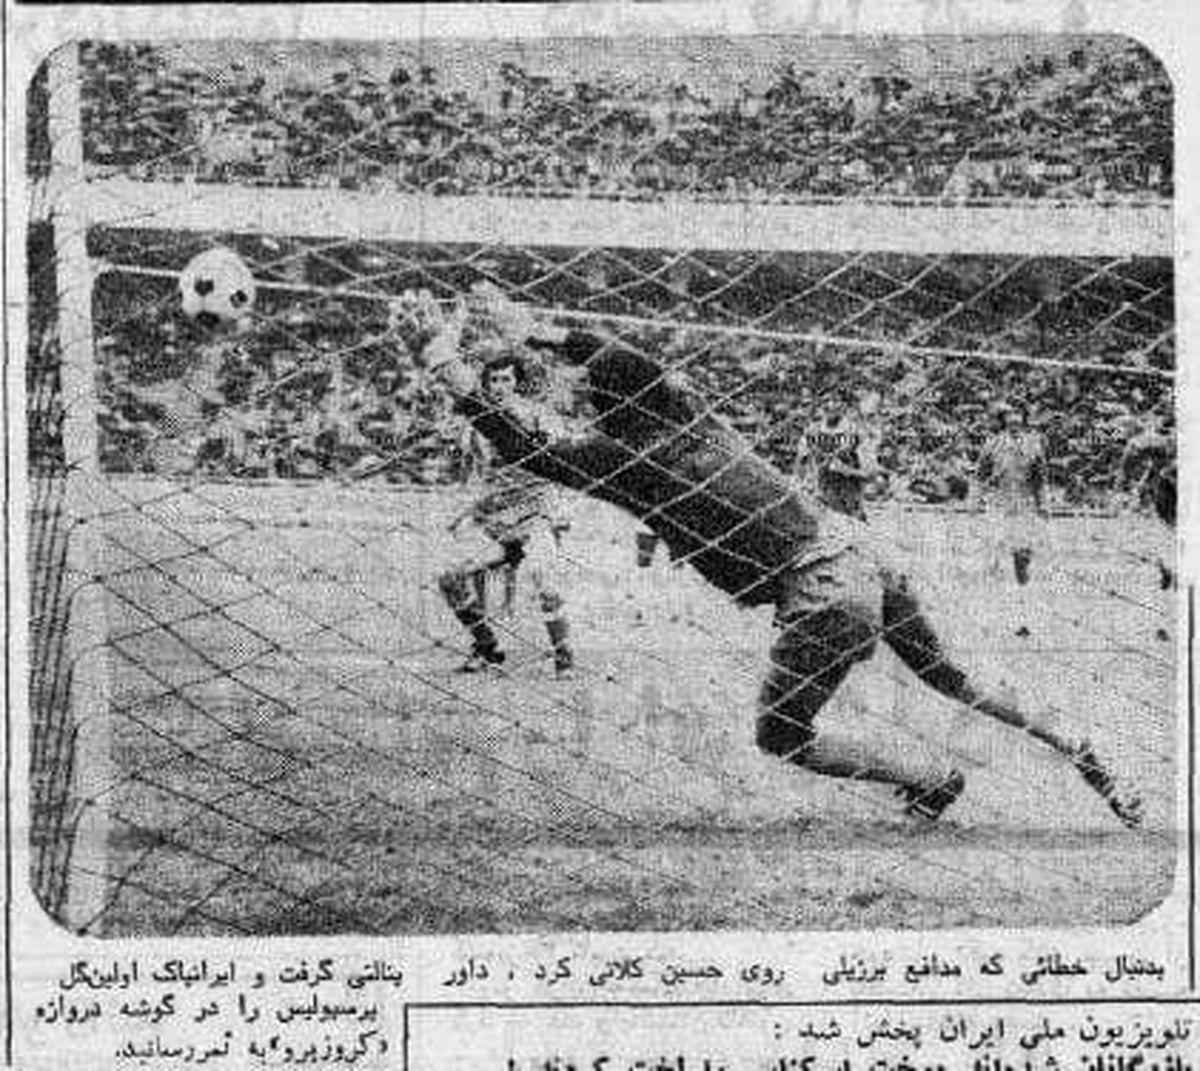 اولین گل یک فوتبالیست ایرانی در آزادی/عکس